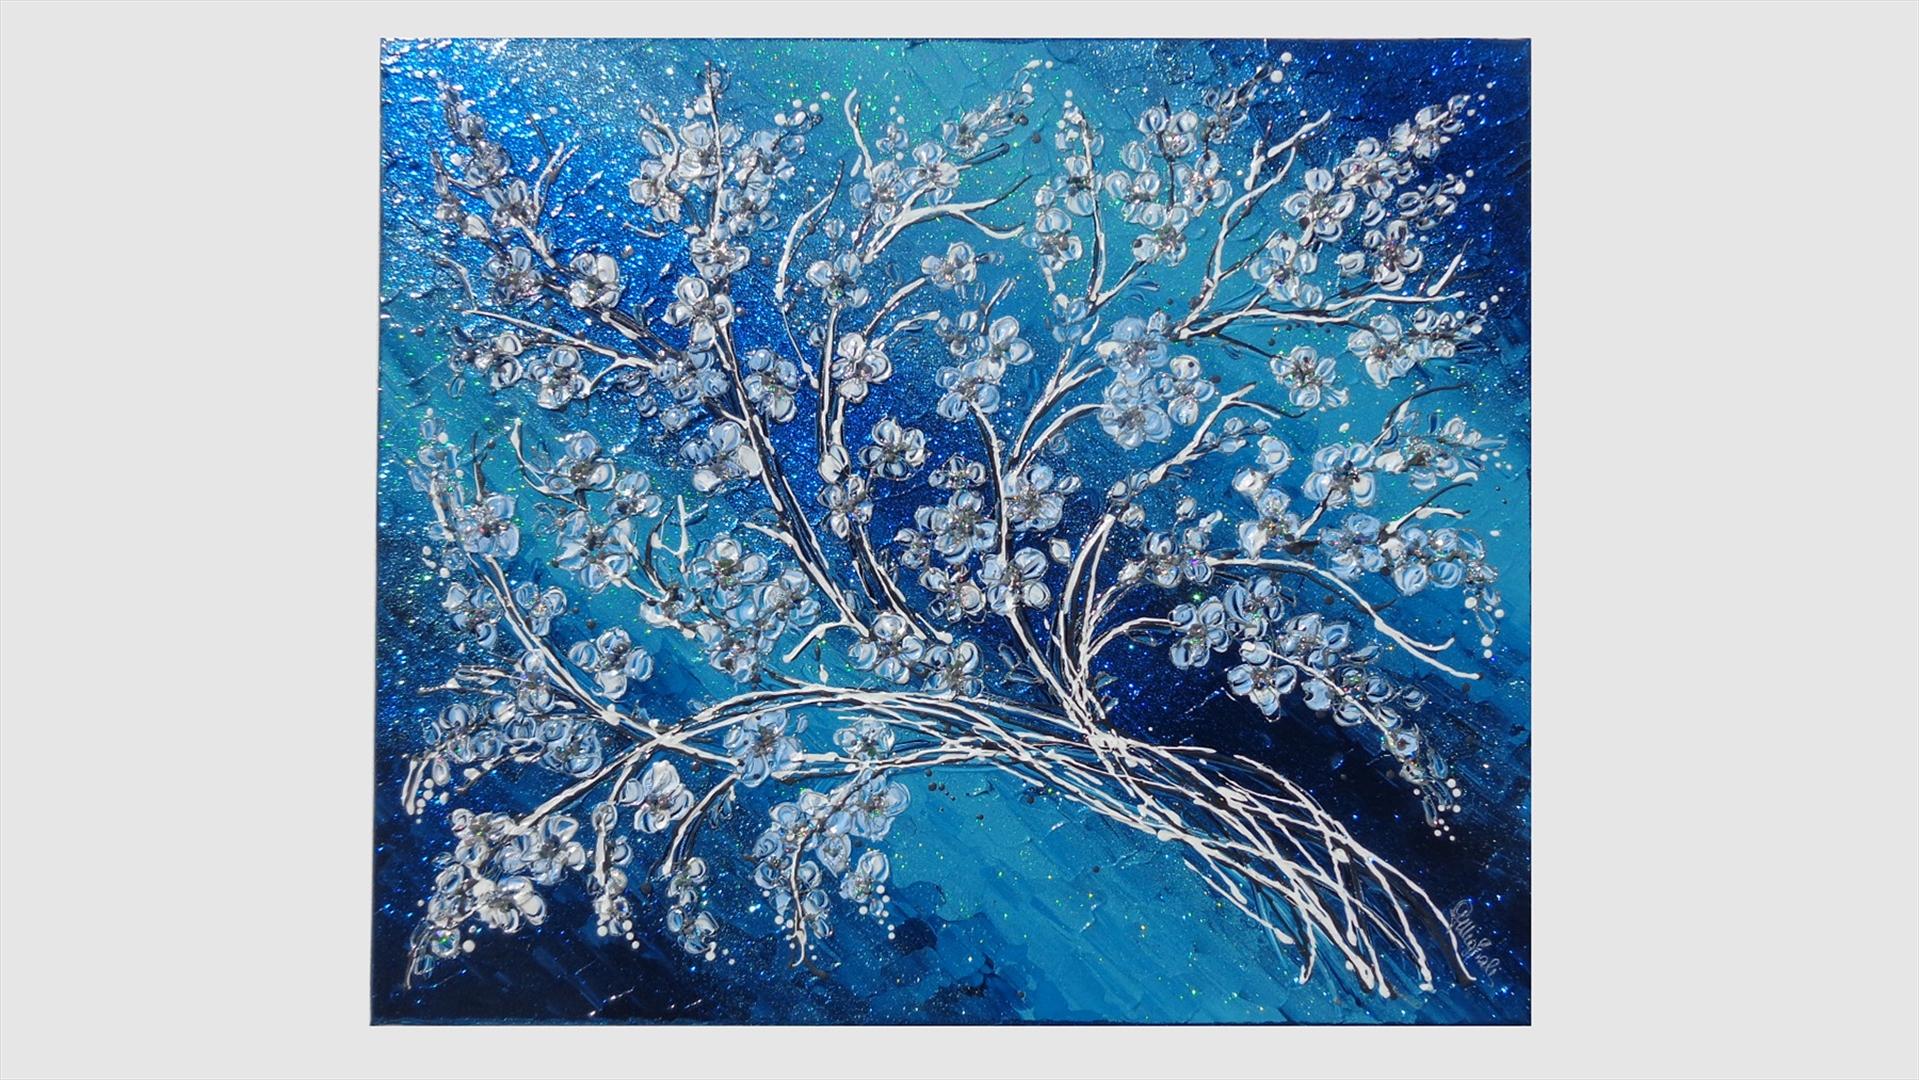 Fiori di pesco in blu vendita quadri online quadri for Immagini di quadri con fiori